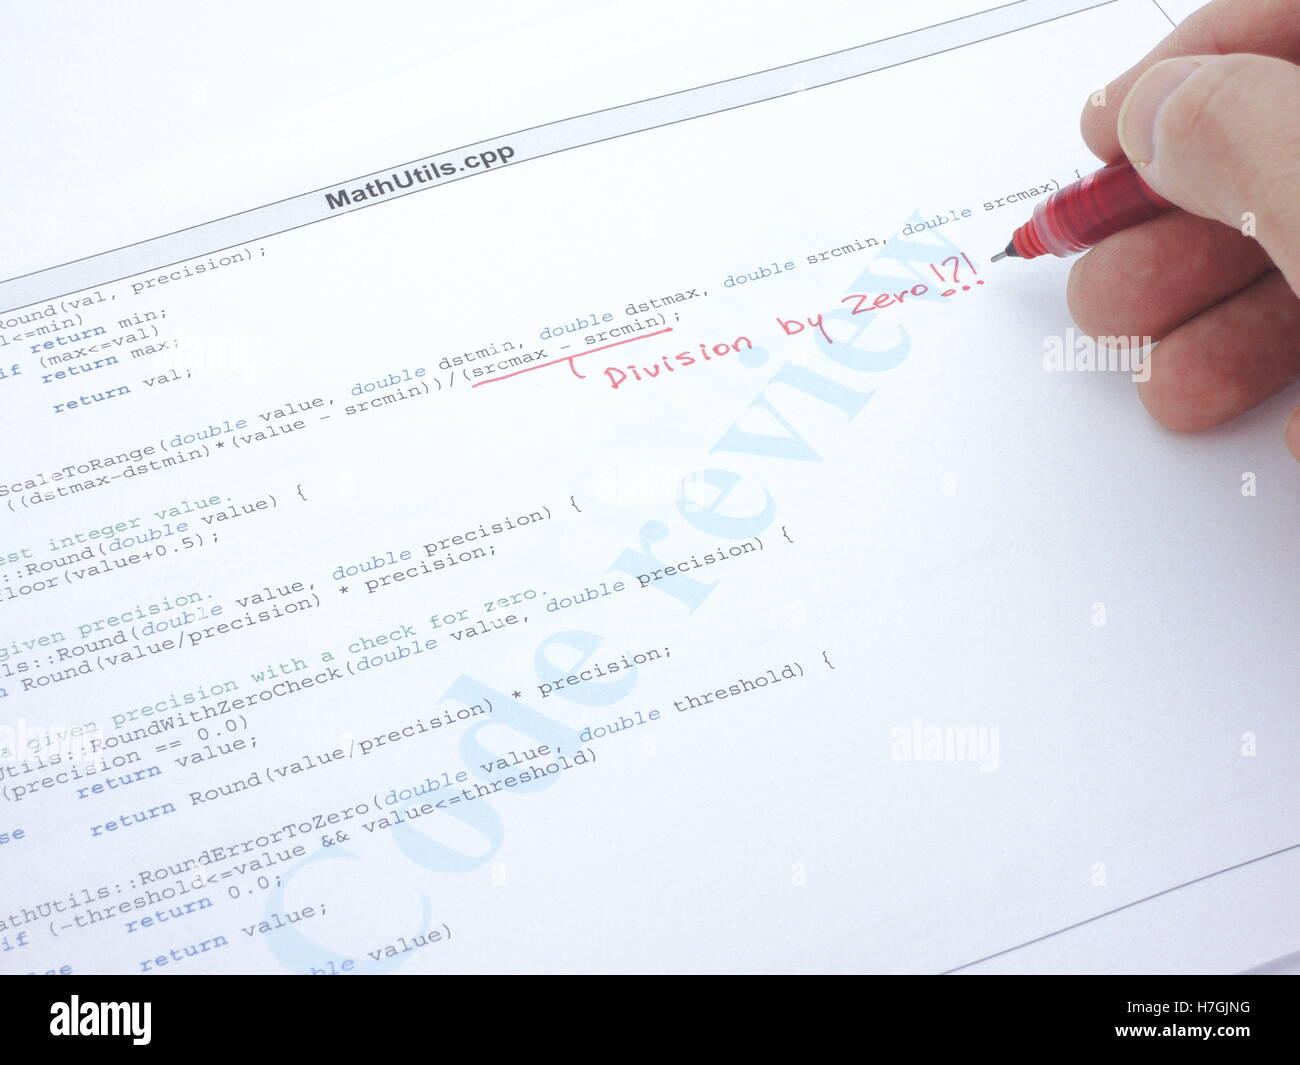 Revisión de código de un programa de C++. Un error de división por cero. Imagen De Stock